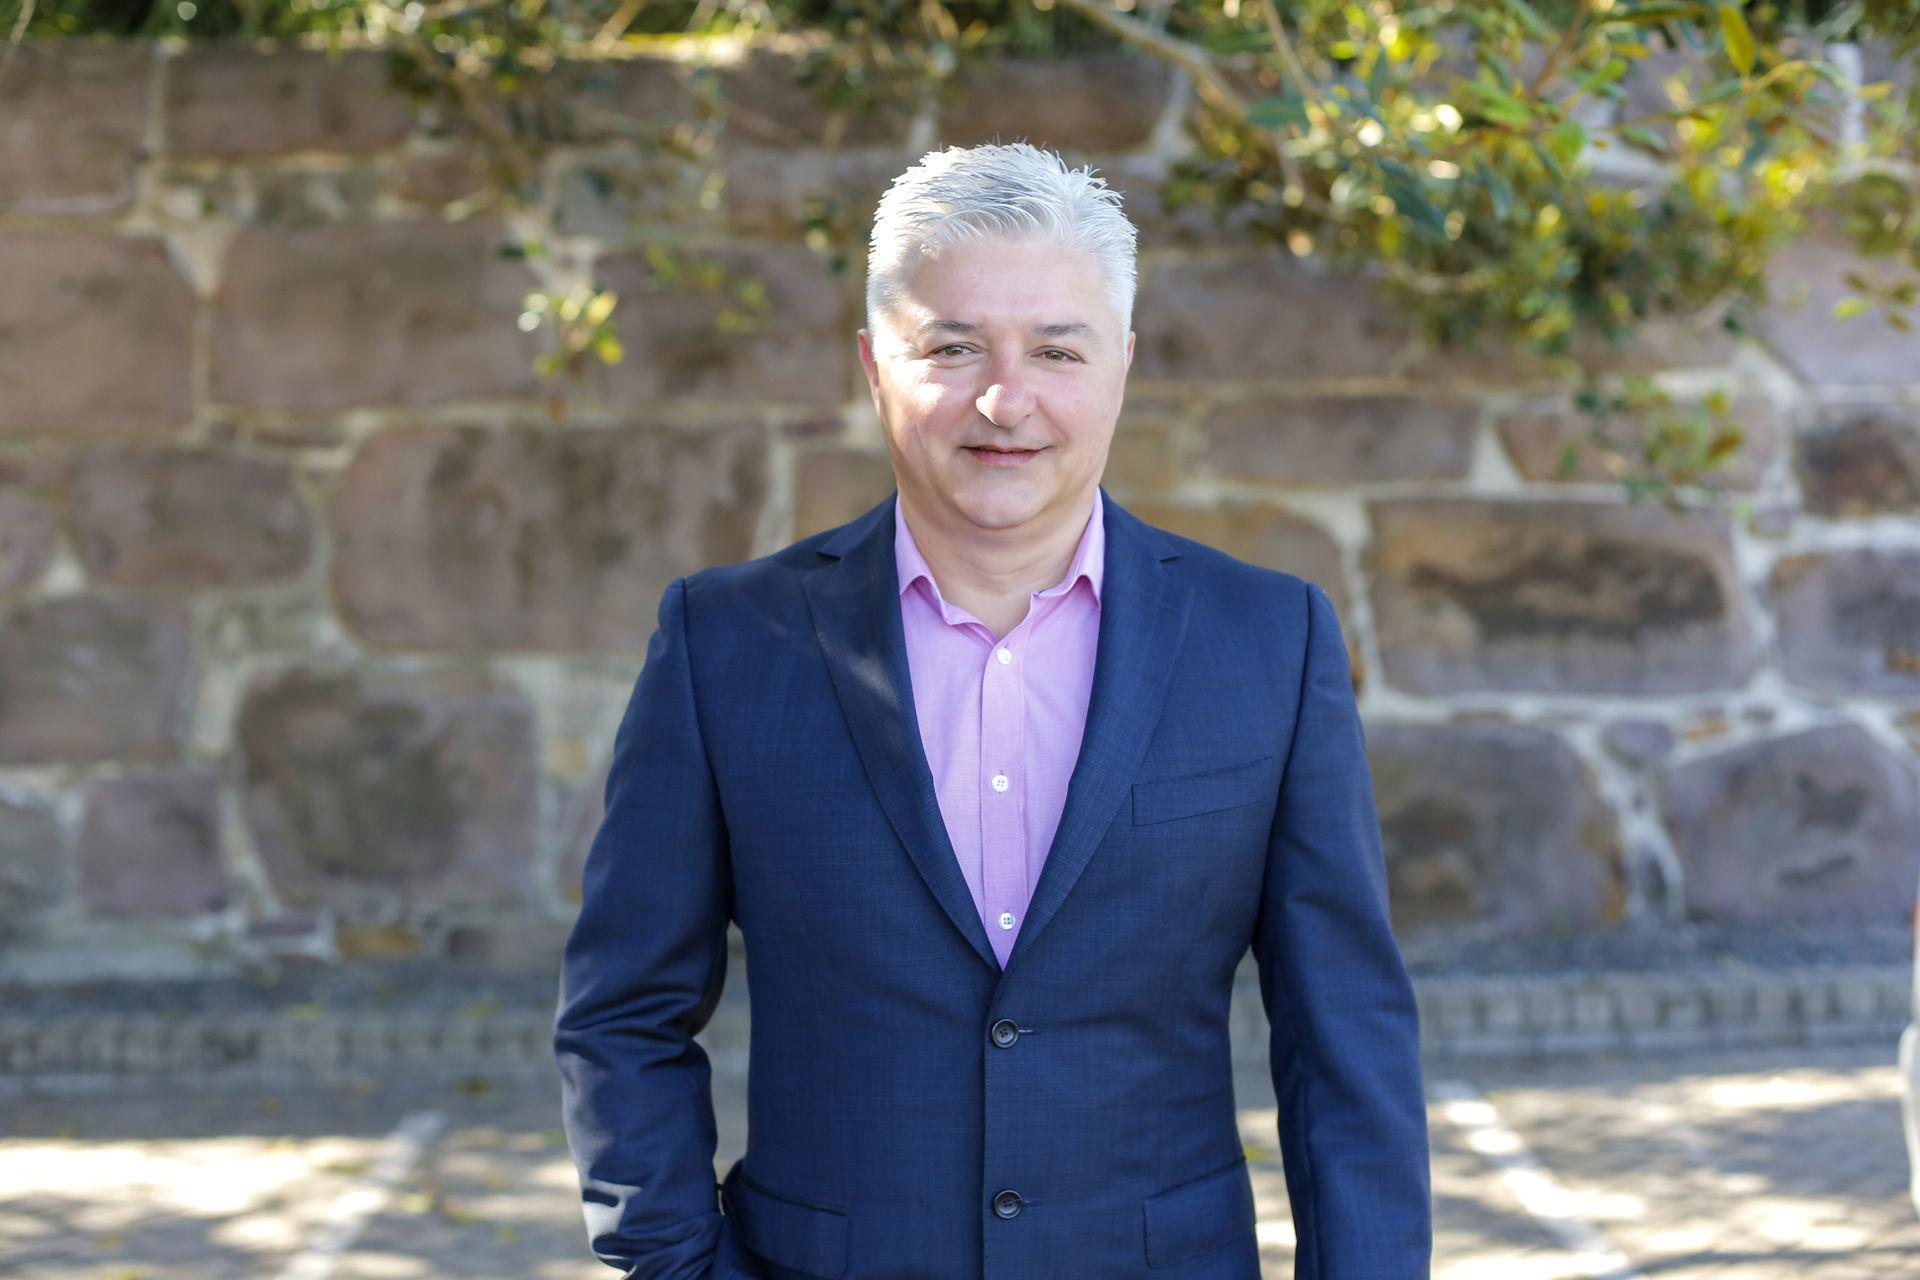 Danny Mojanovski